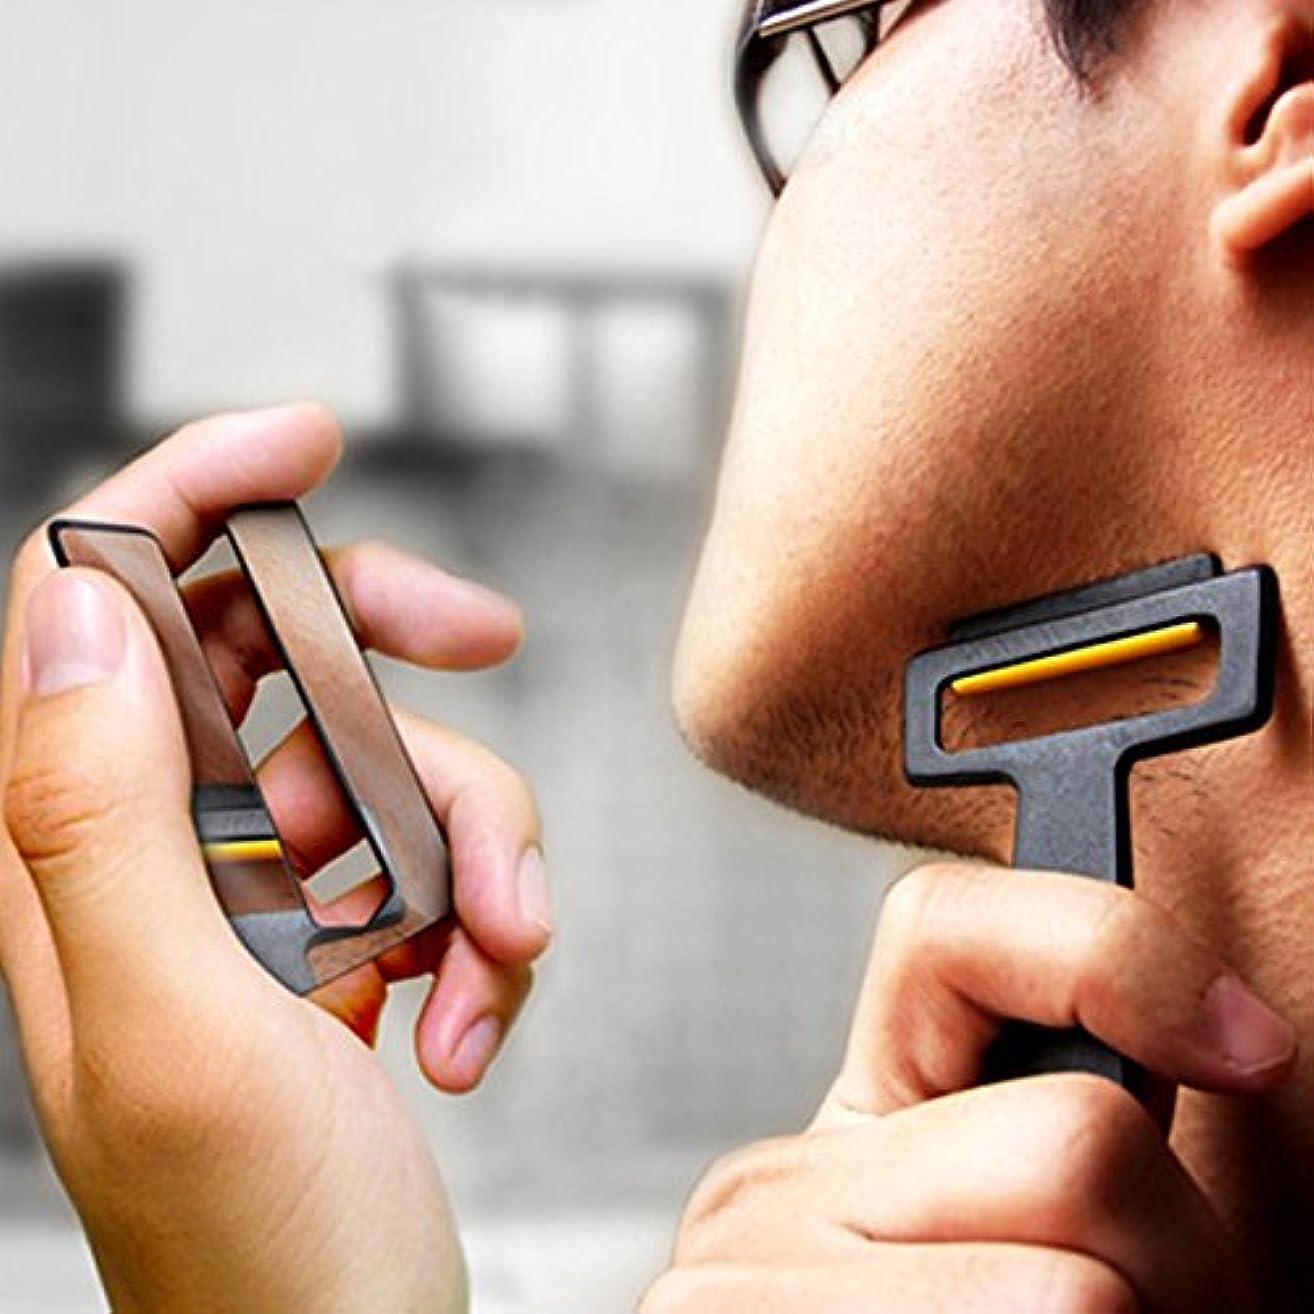 広いドキドキ辞任するPogass Carzor 3 In 1 Card設計された財布ミニかみそりビードポータブルひげ剃りミラースタンドキット